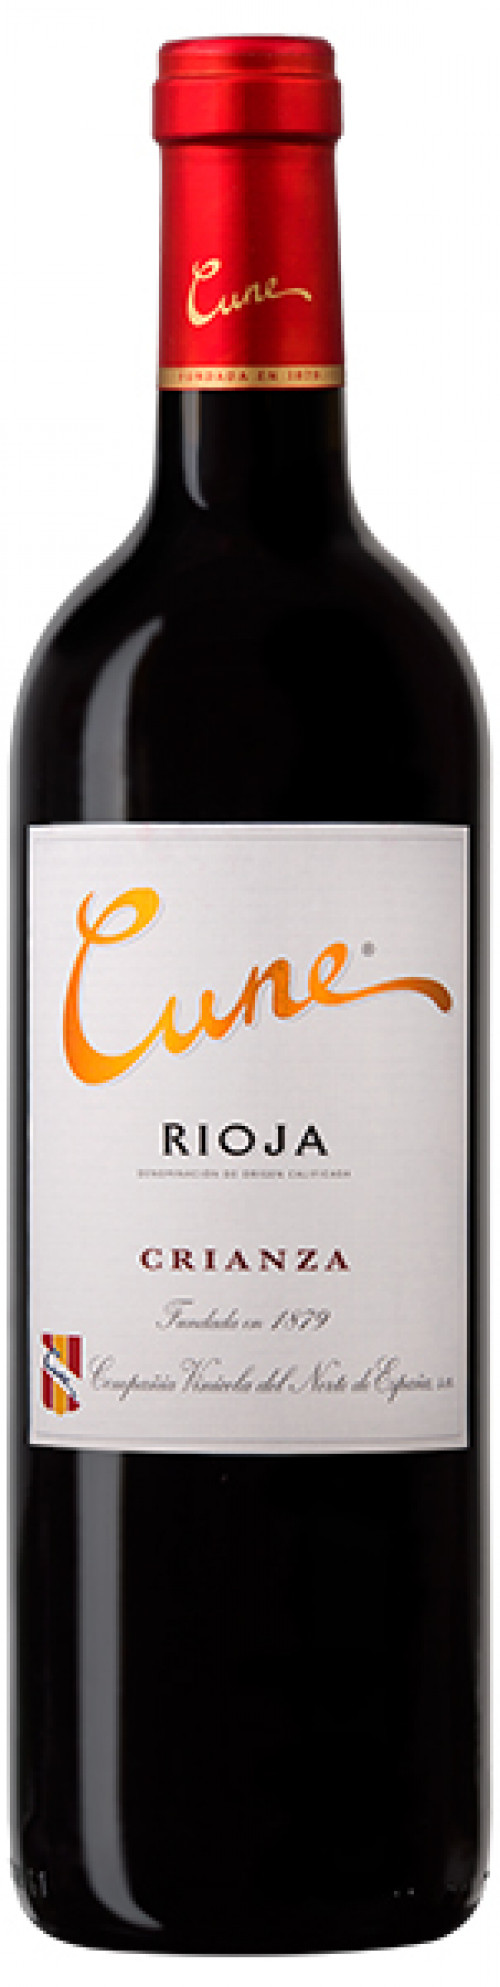 2017 Cune Rioja Crianza 750ml